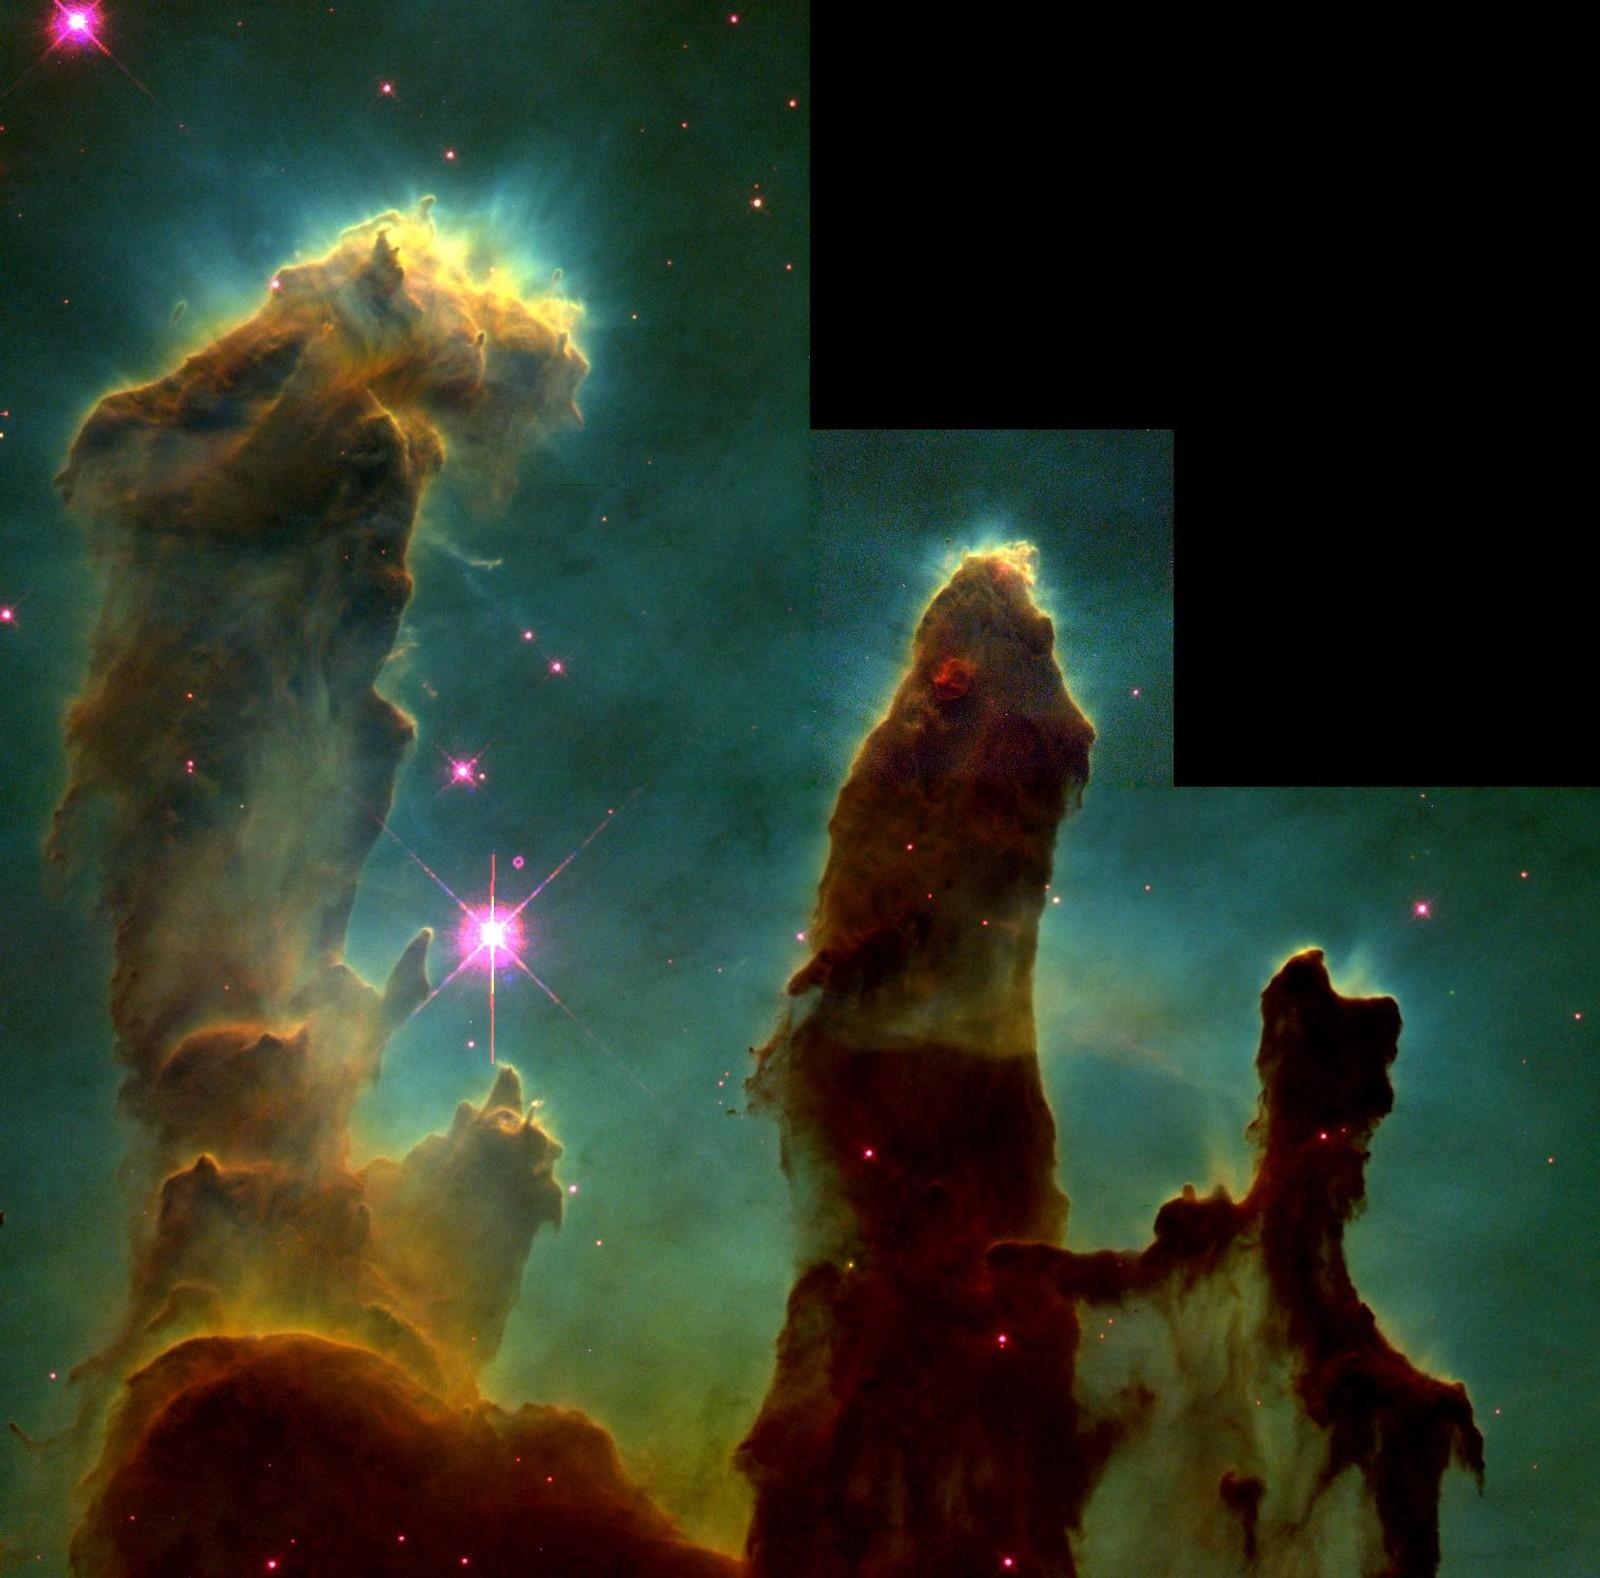 HUBBLE: Dette bildet kalles Pillars of Creation, og er et av de mest kjente verdensrombildene vi har. Det ble tatt av fire forskjellige kamera på Hubble-teleskopet i april 1995, og viser stjernedannelse i Ørnetåka. De tre pilarene består av kald interstellar hydrogengass og støv, og ble sannsynligvis ødelagt av en supernovaeksplosjon for rundt 6000 år siden. I og med at tåka ligger 7000 lysår unna, vil vi kunne oppfatte pilarene i 1000 år til.